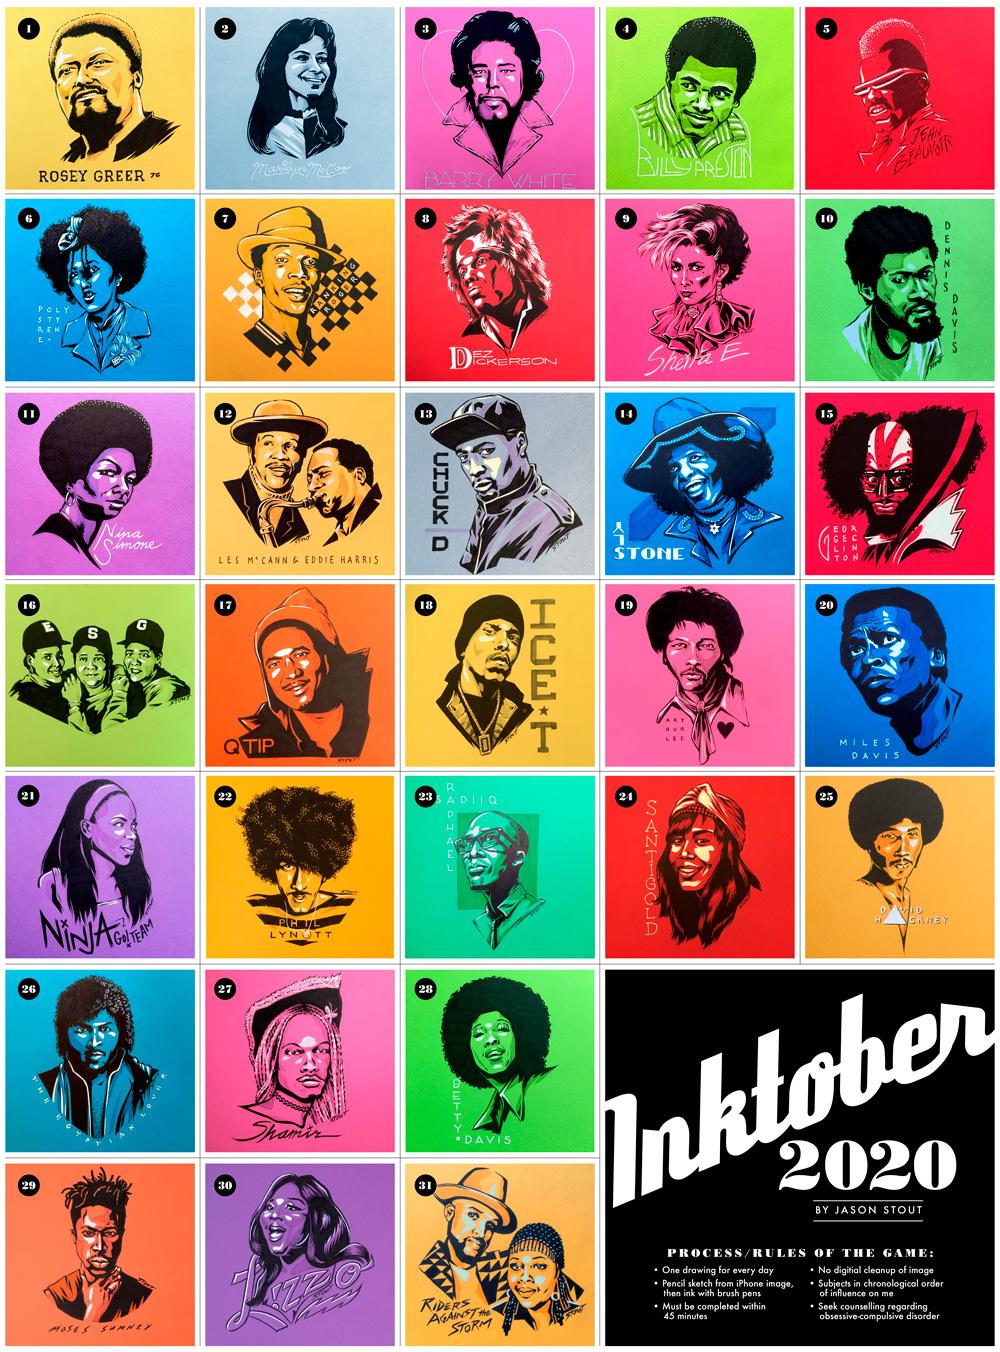 Inktober 2020 by Jason Stout